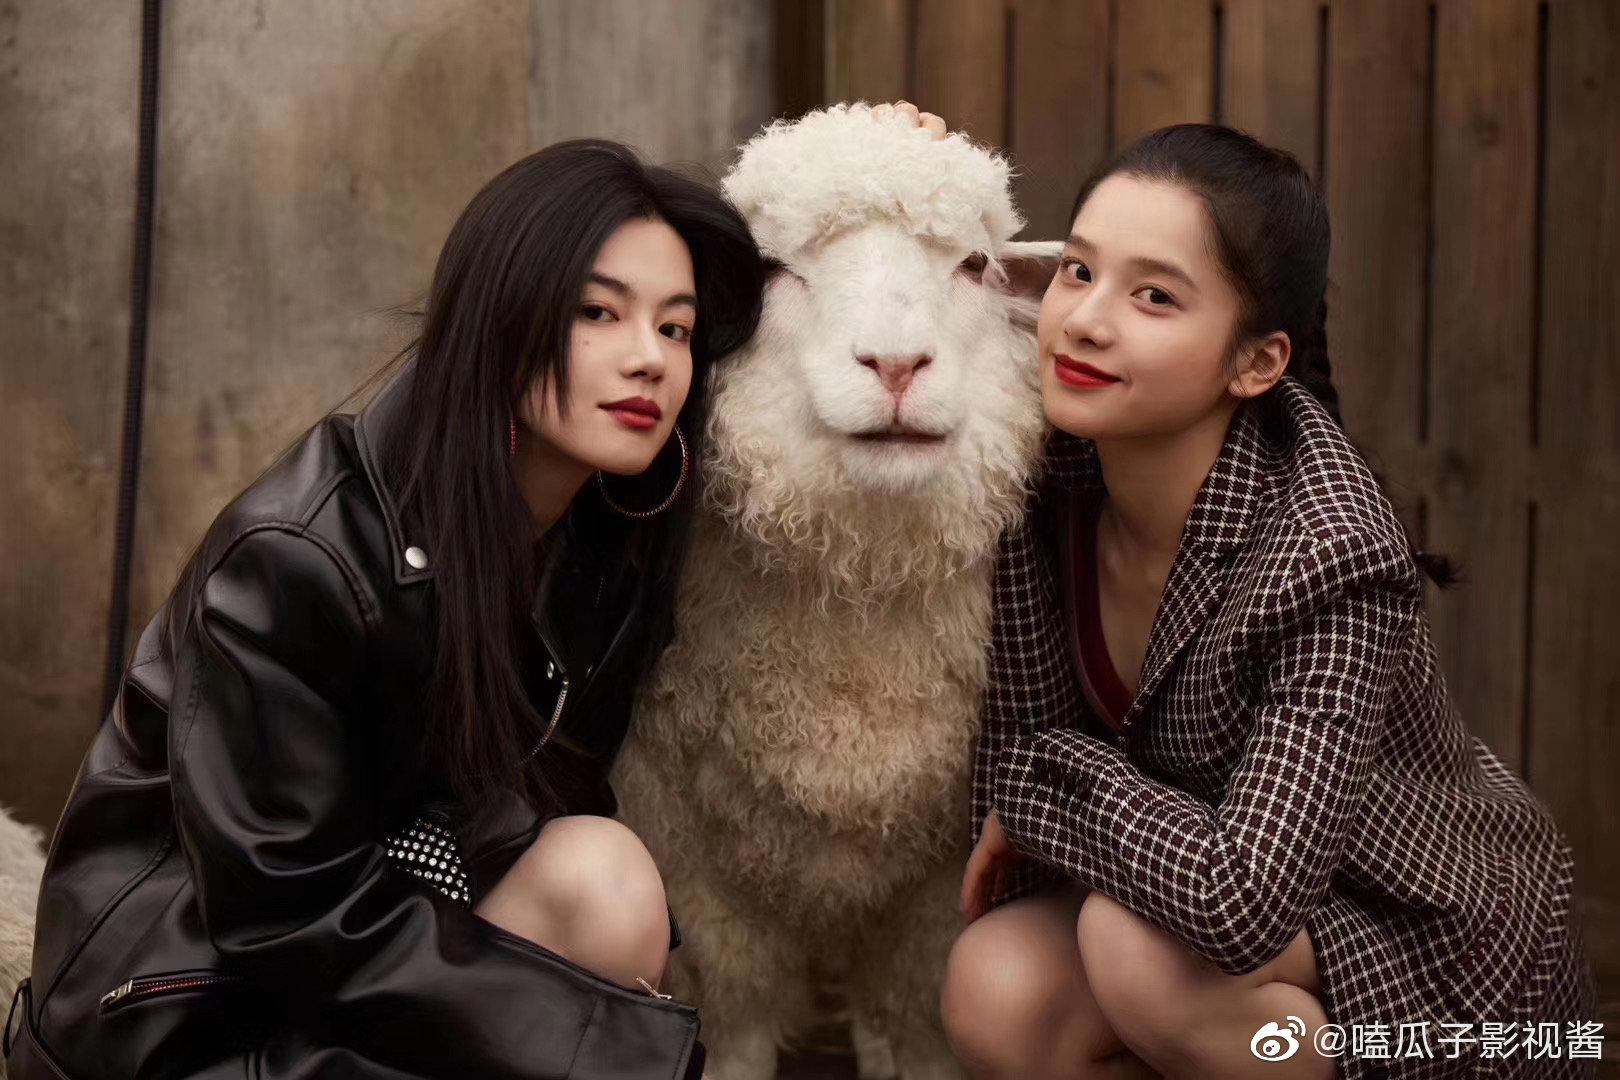 陈坤携|李蔓瑄|张婧仪|蒋昀霖|李嘉灏|鹿骐|刘洋珂|贺雨禾|刘白沙|林